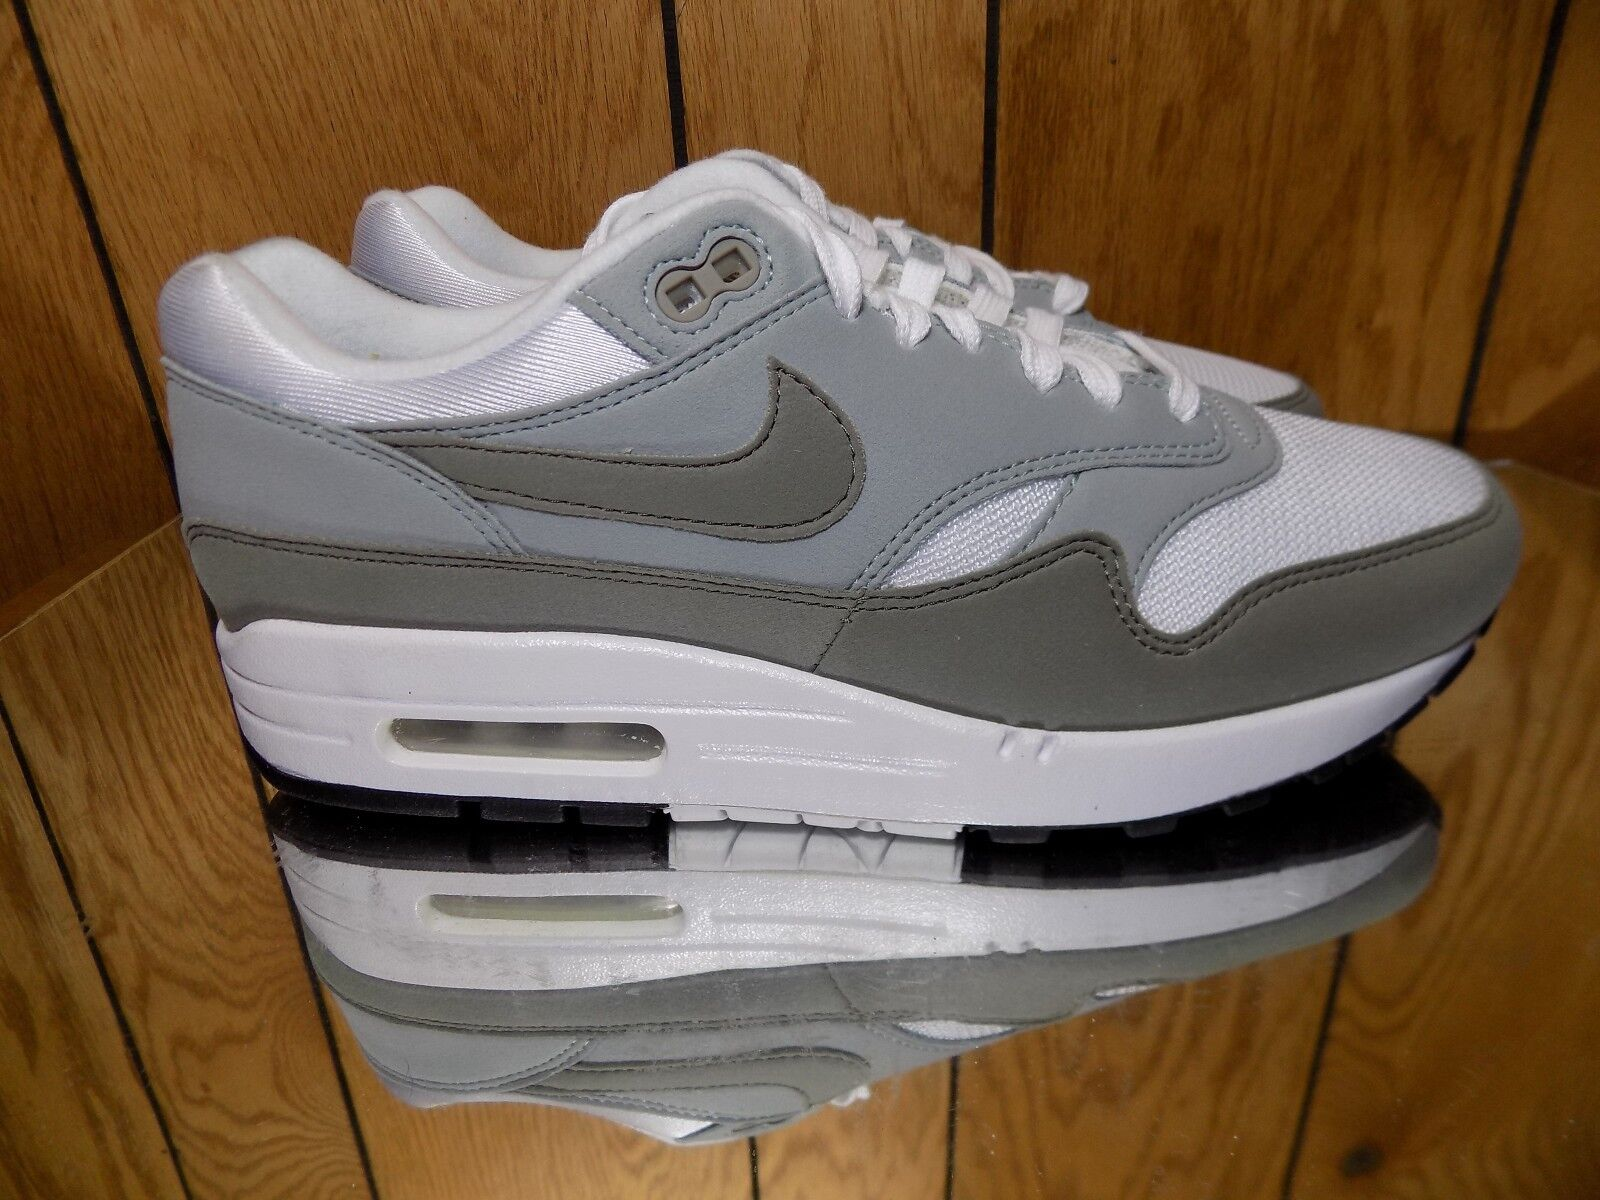 Nike Wmns Air Max 1 women lifestyle NEW white dark986-105 s 9.5